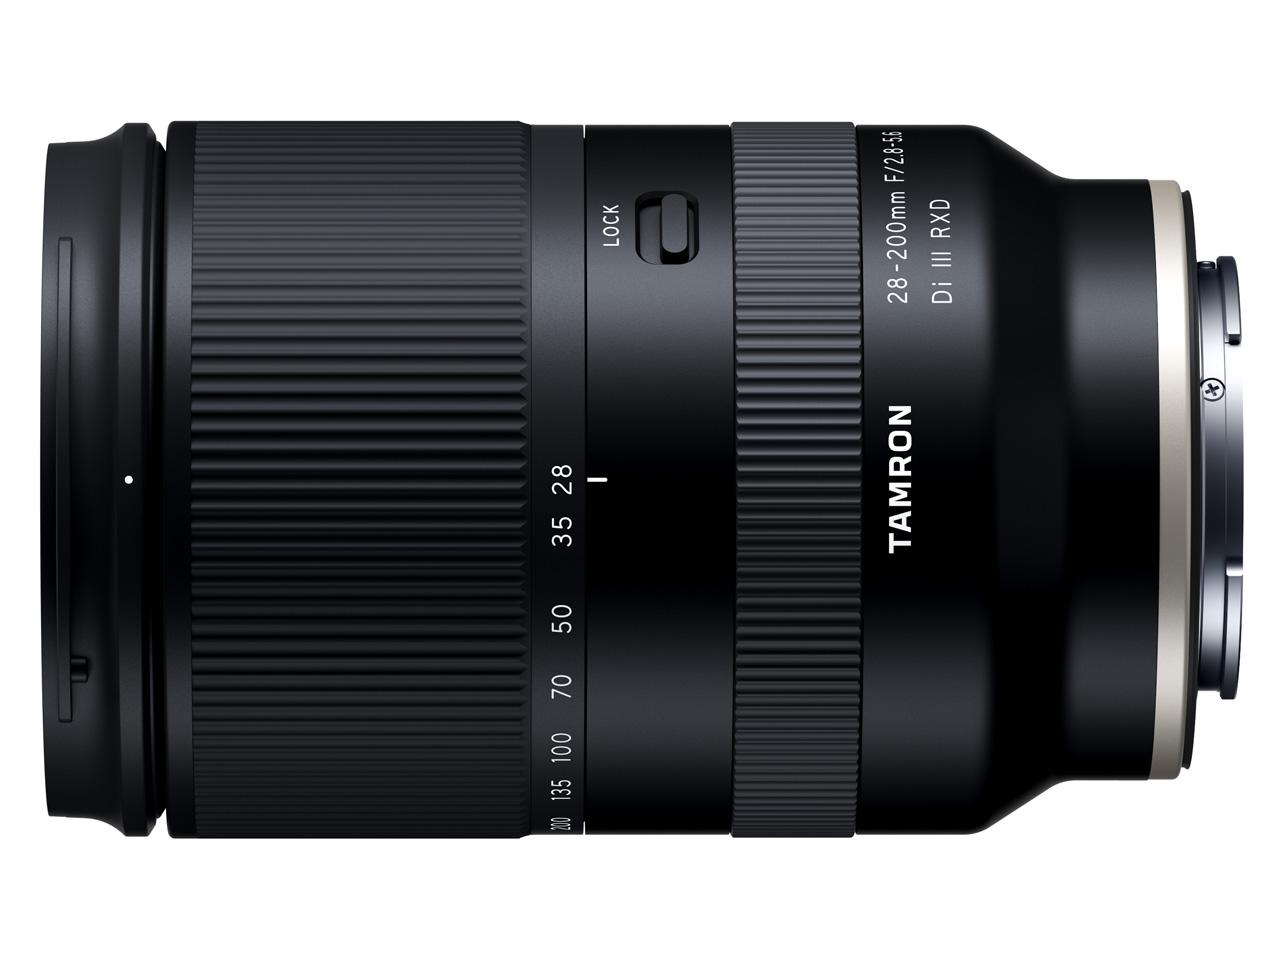 『本体 右側面1』 28-200mm F/2.8-5.6 Di III RXD (Model A071) の製品画像